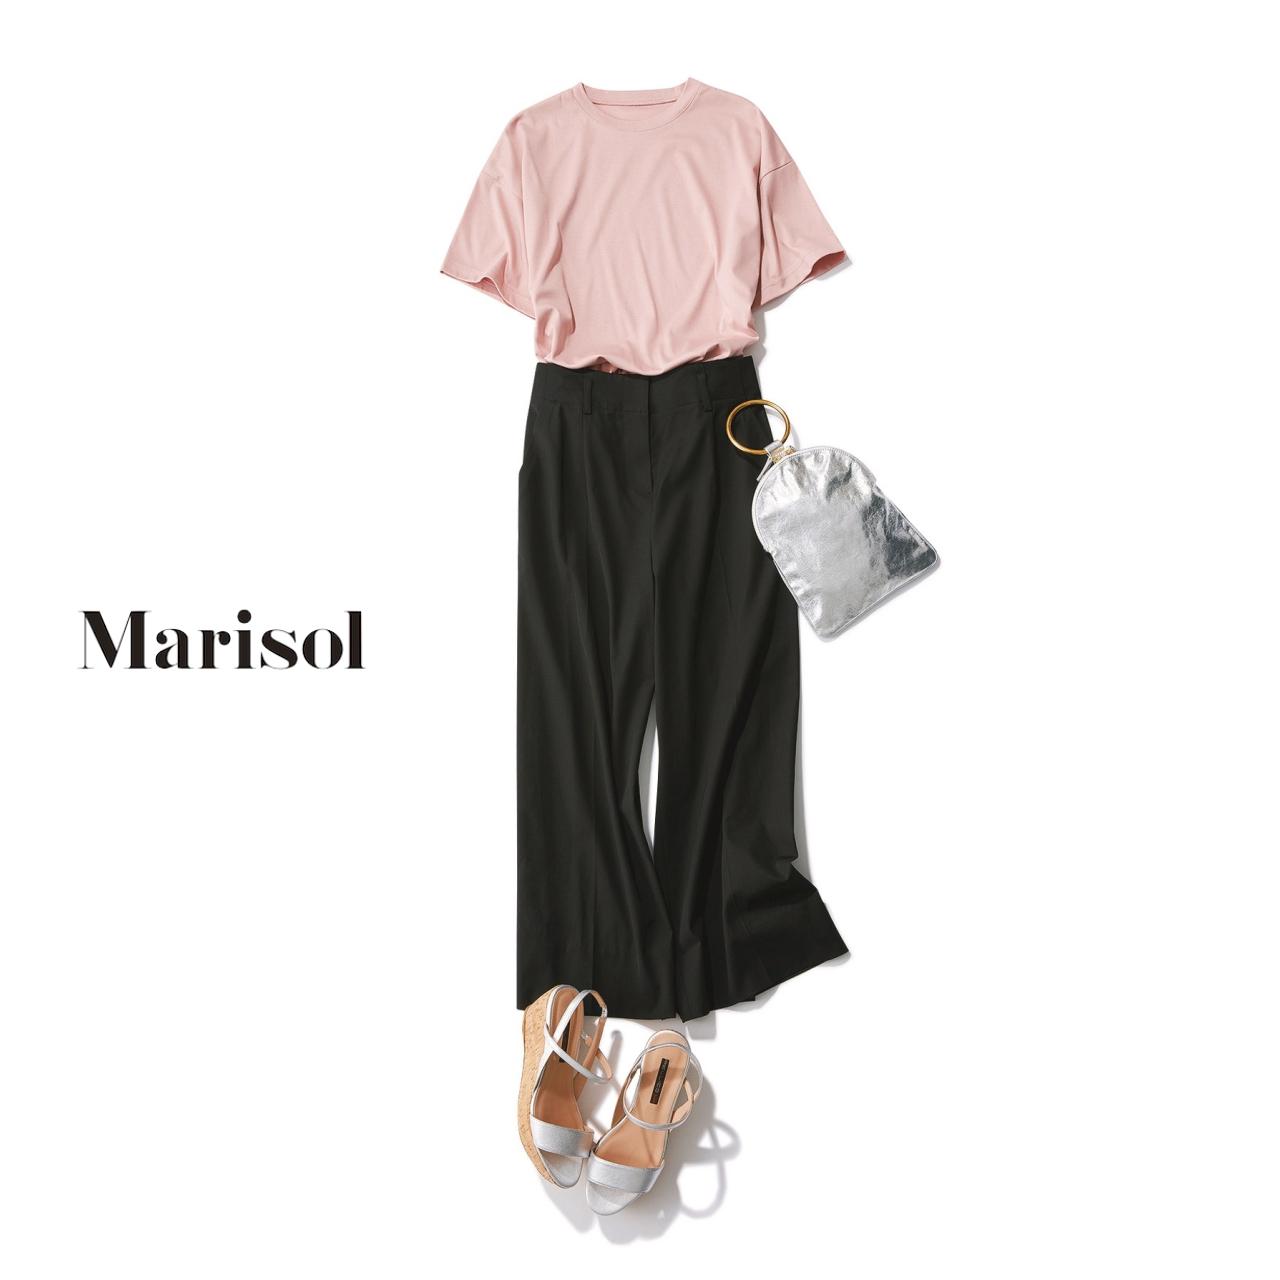 ピンクTシャツ×きれいめパンツでカジュアルコーデ